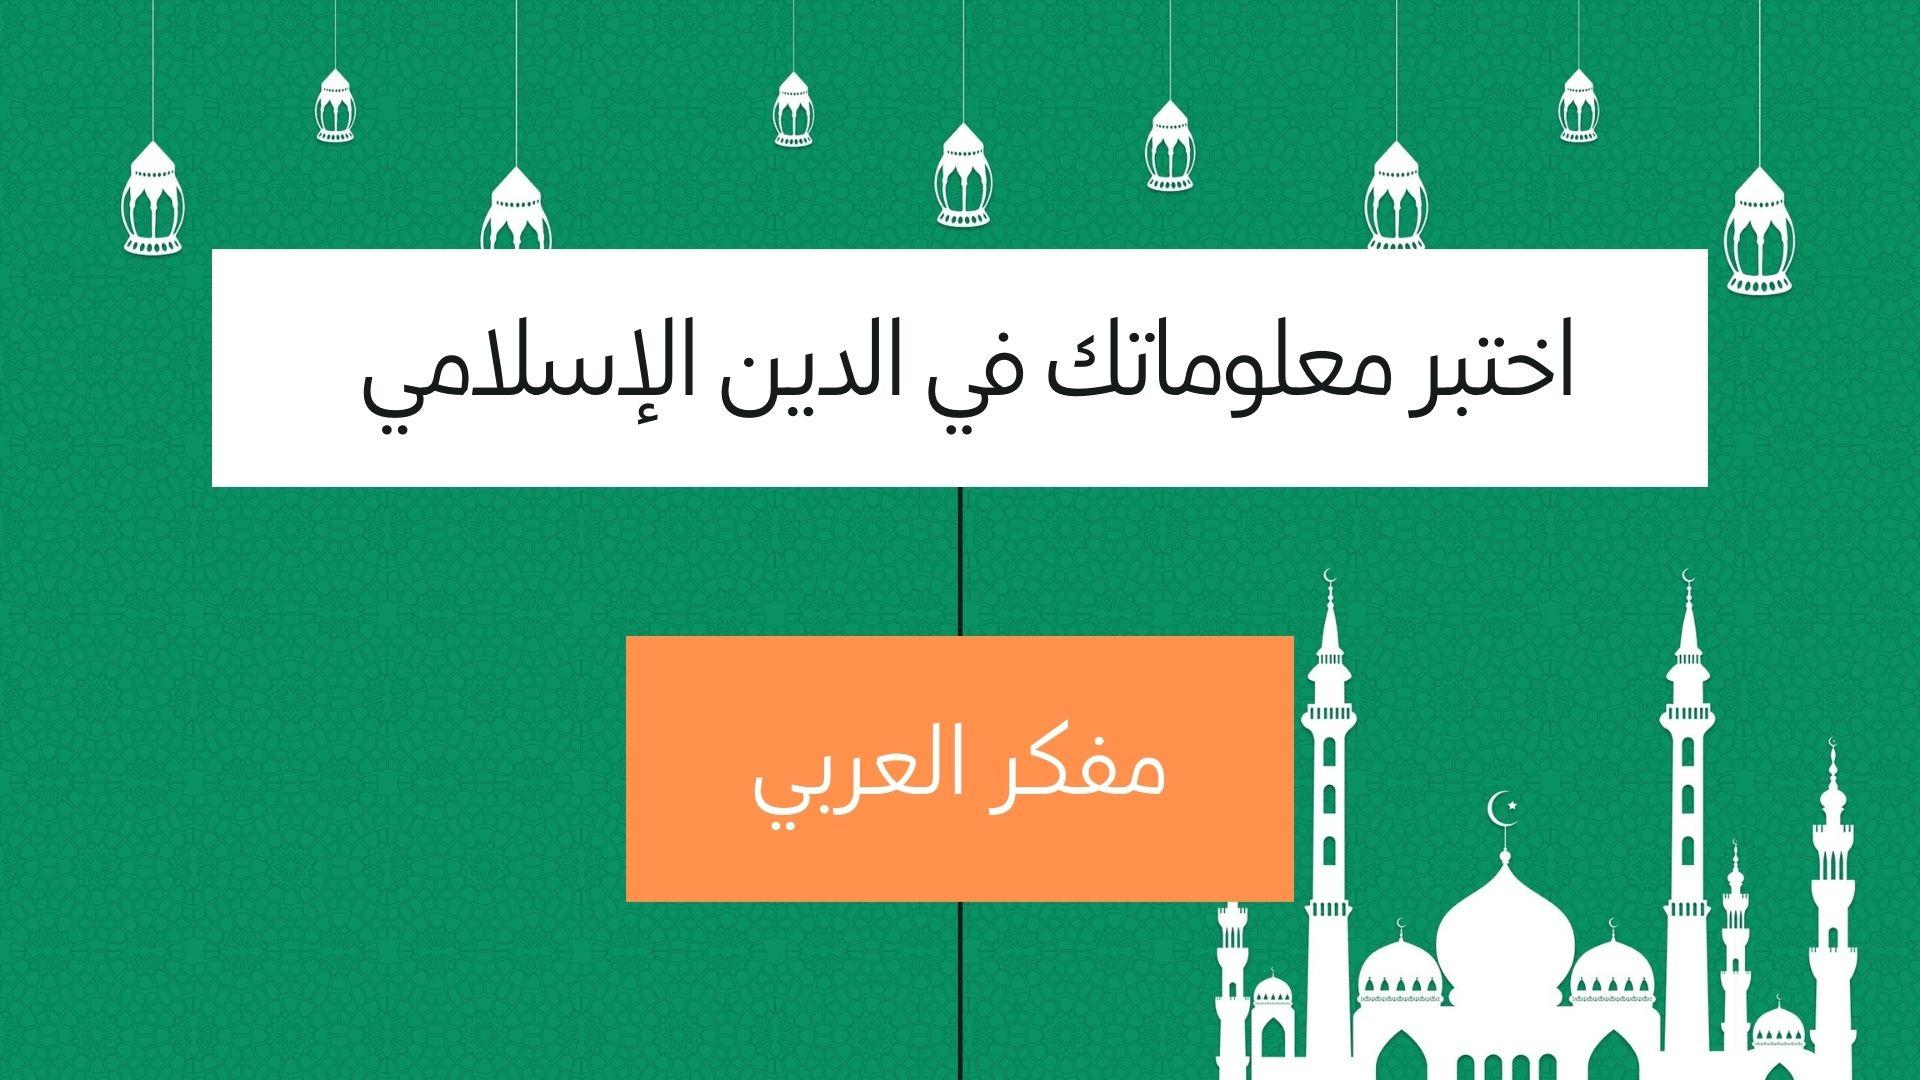 اختبر معلوماتك في الدين الإسلامي الآن